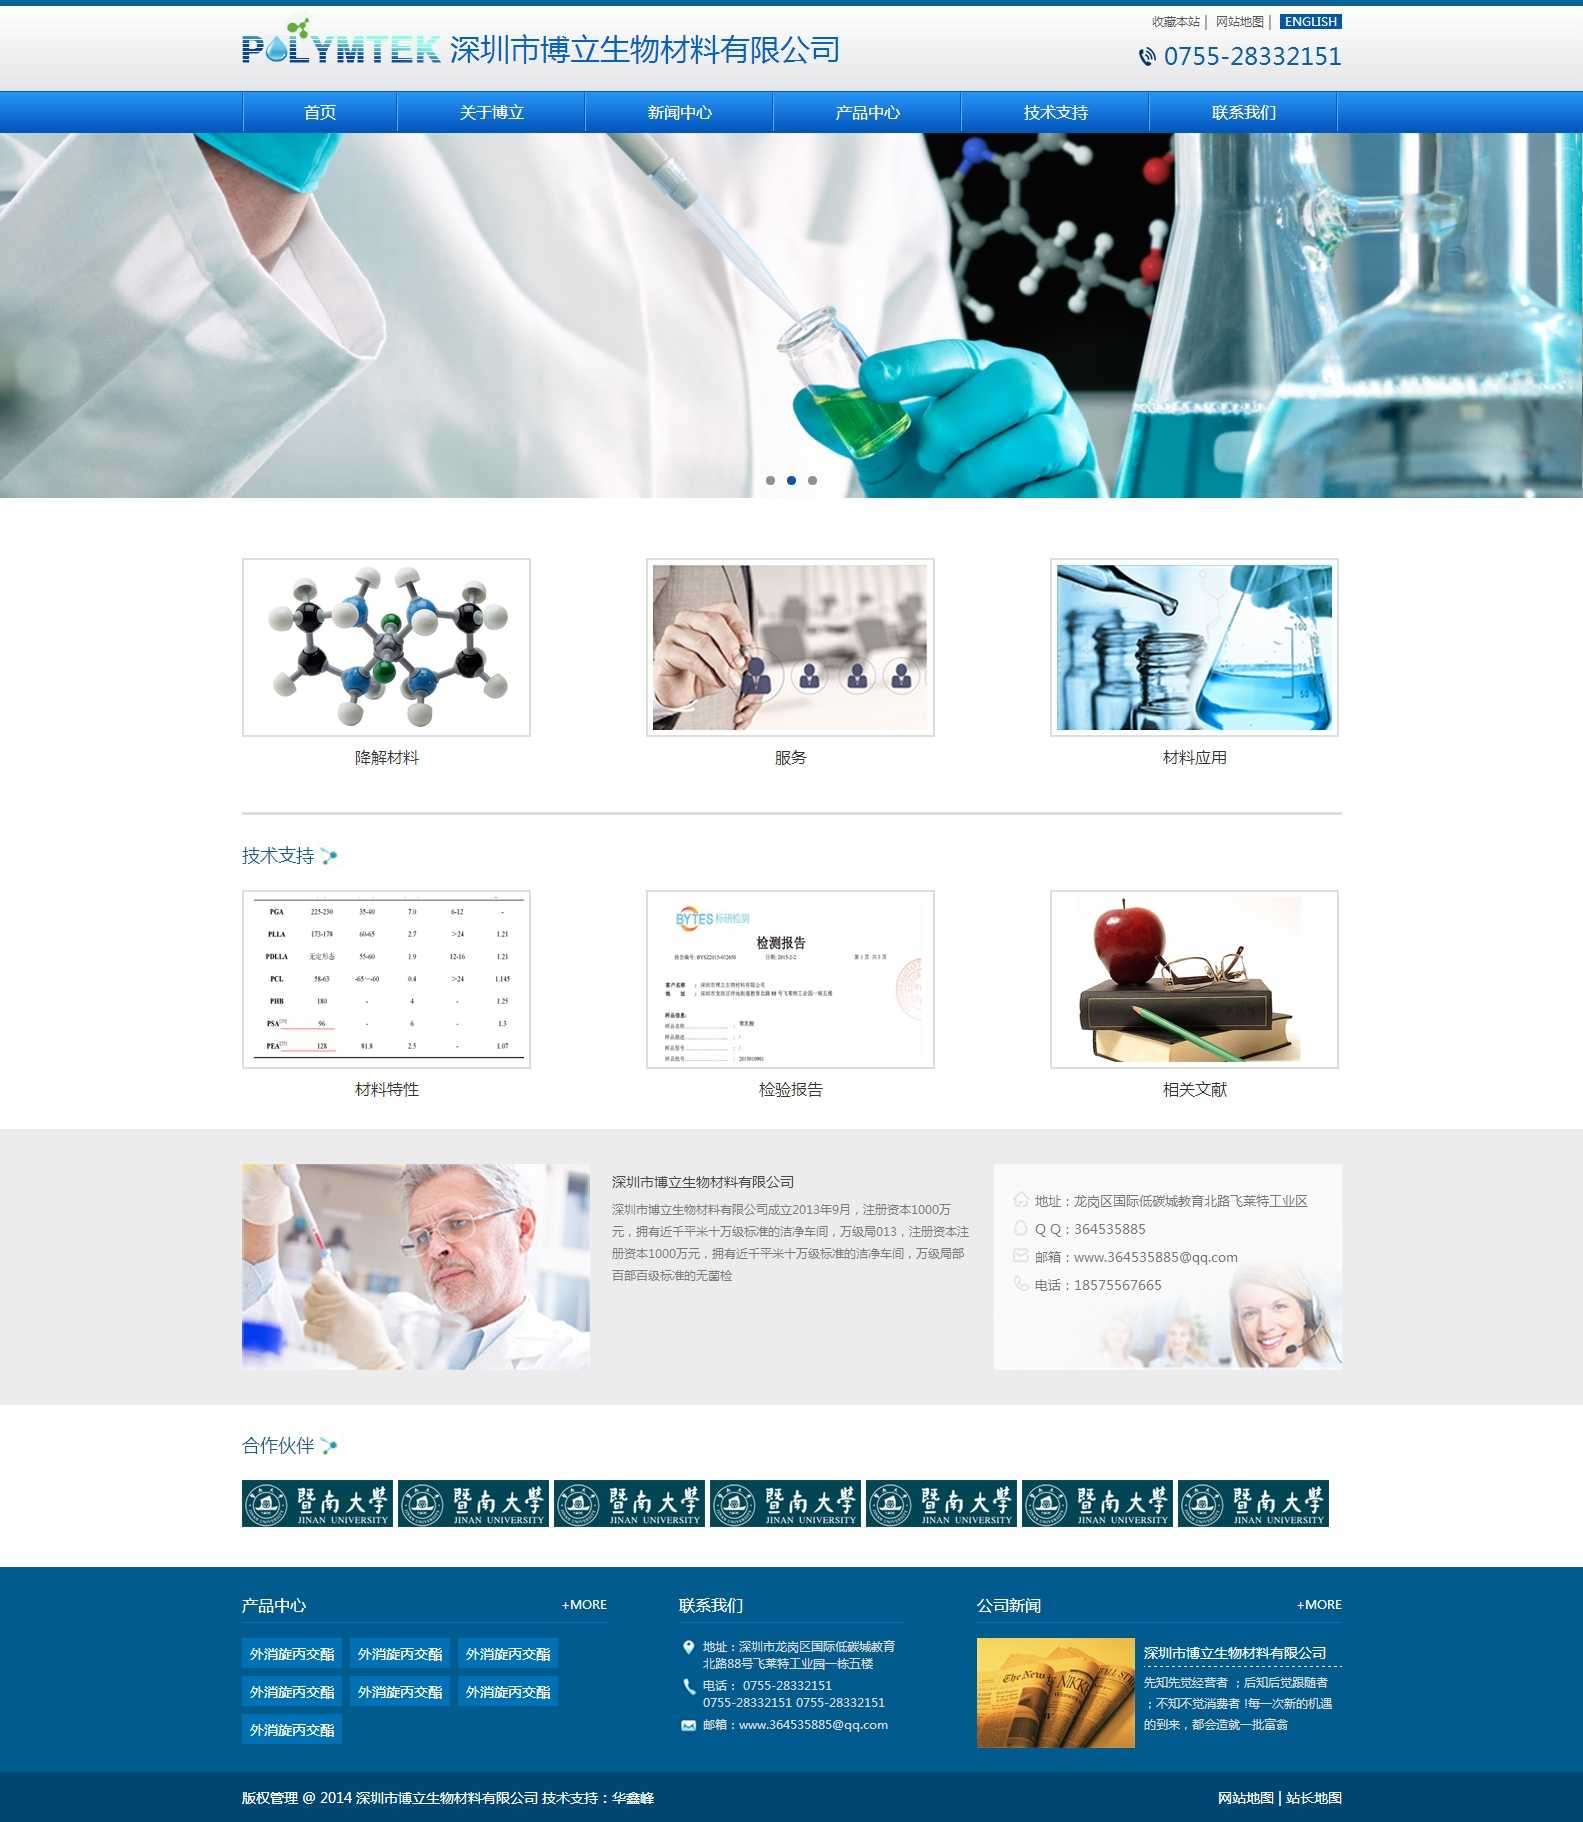 清洁简单生物科技网站模板html源码